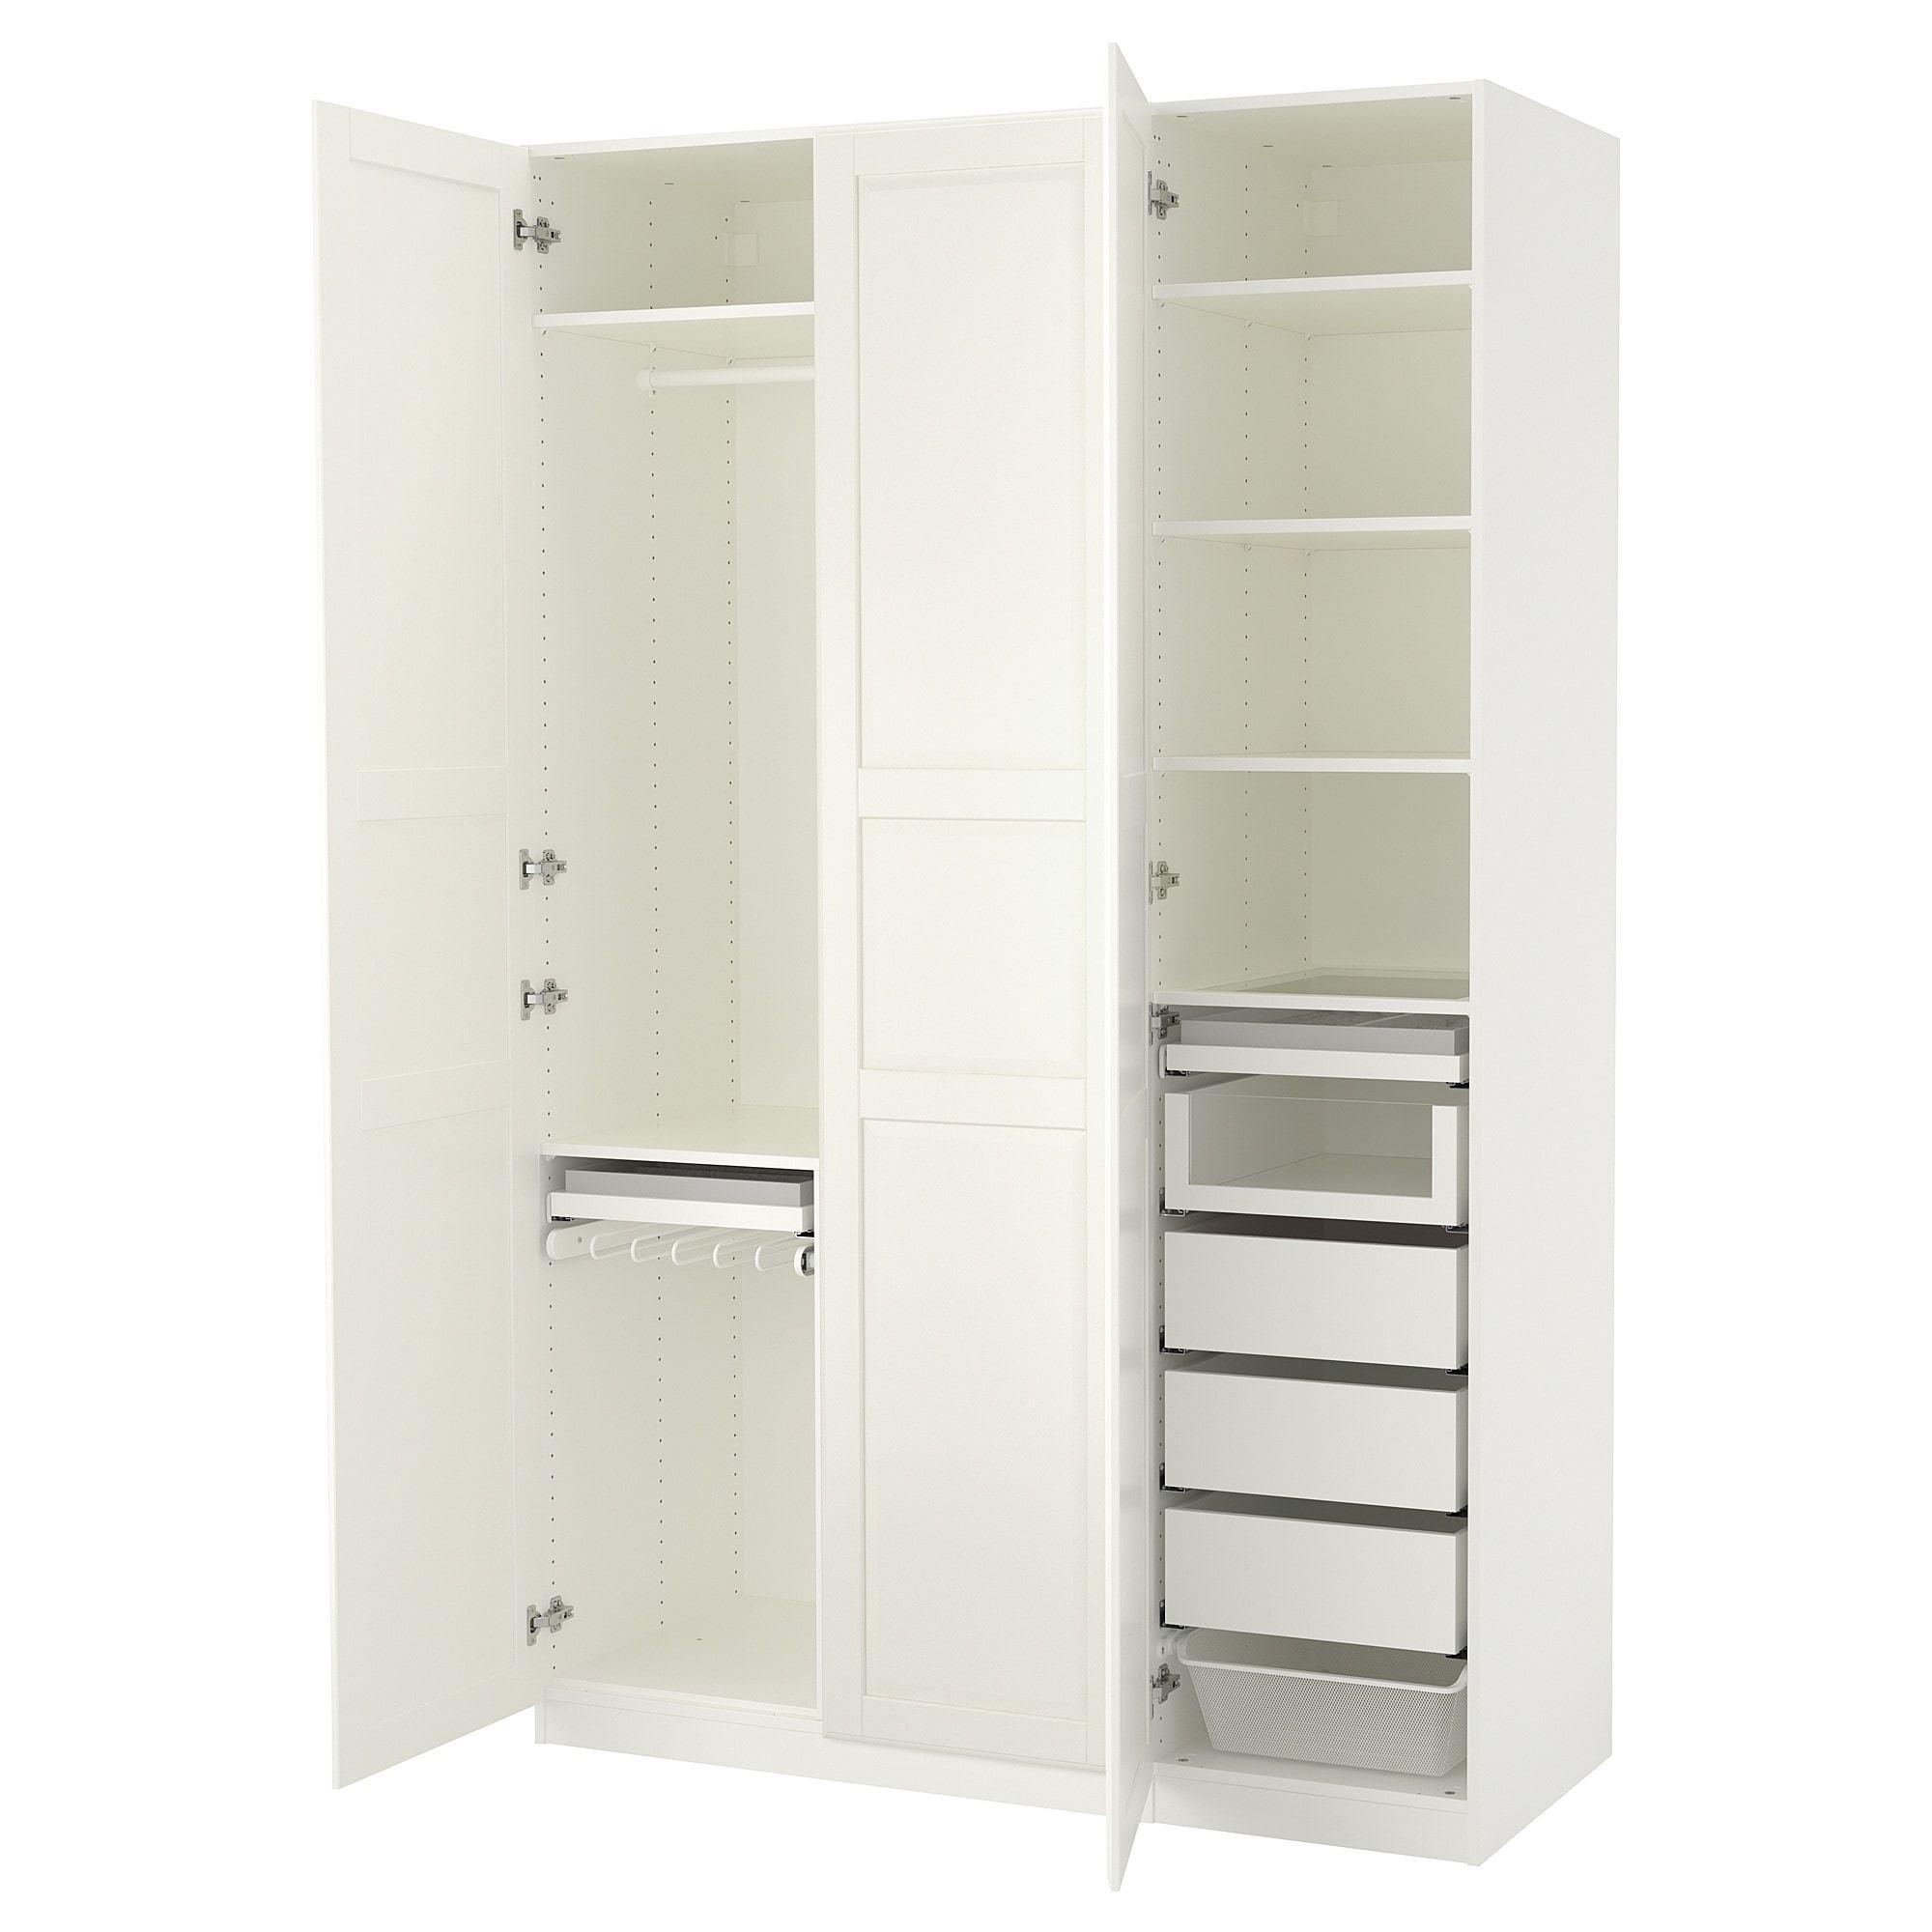 Pax Wardrobe 59x23 5 8x93 1 8 Ikea